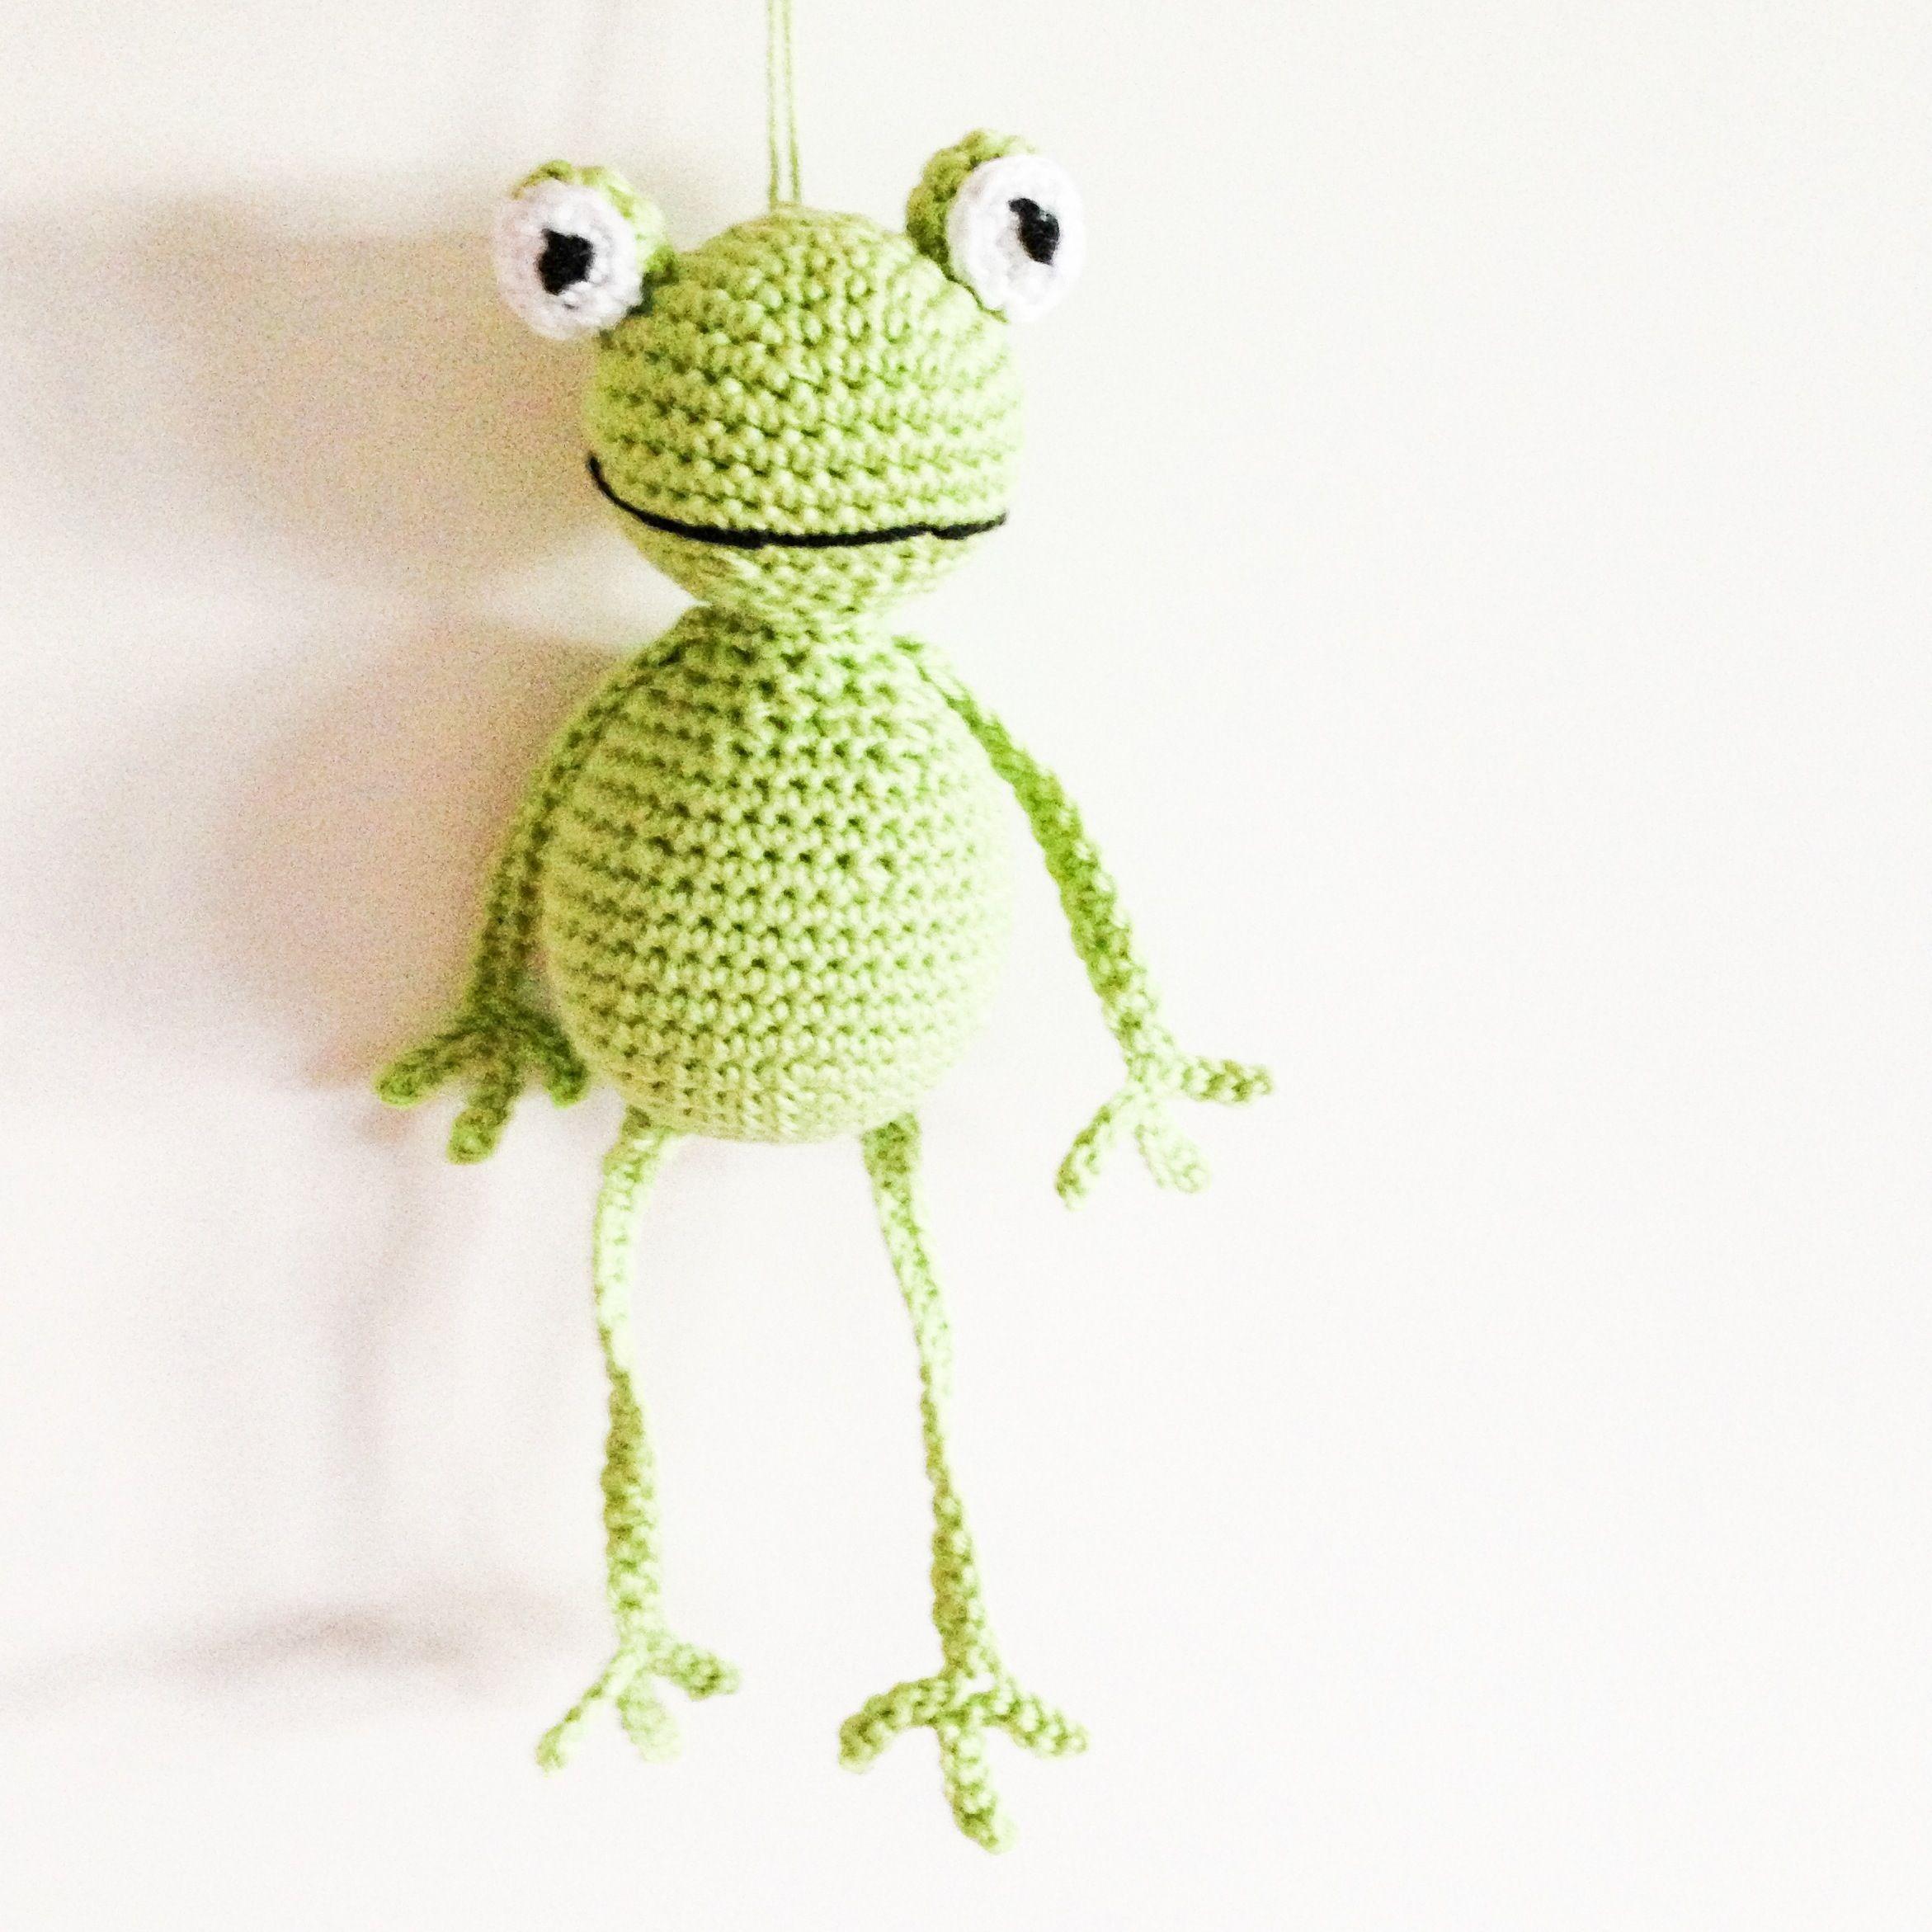 Crochet frog | ranas crochet | Pinterest | Ranas, Anfibios y Reptiles